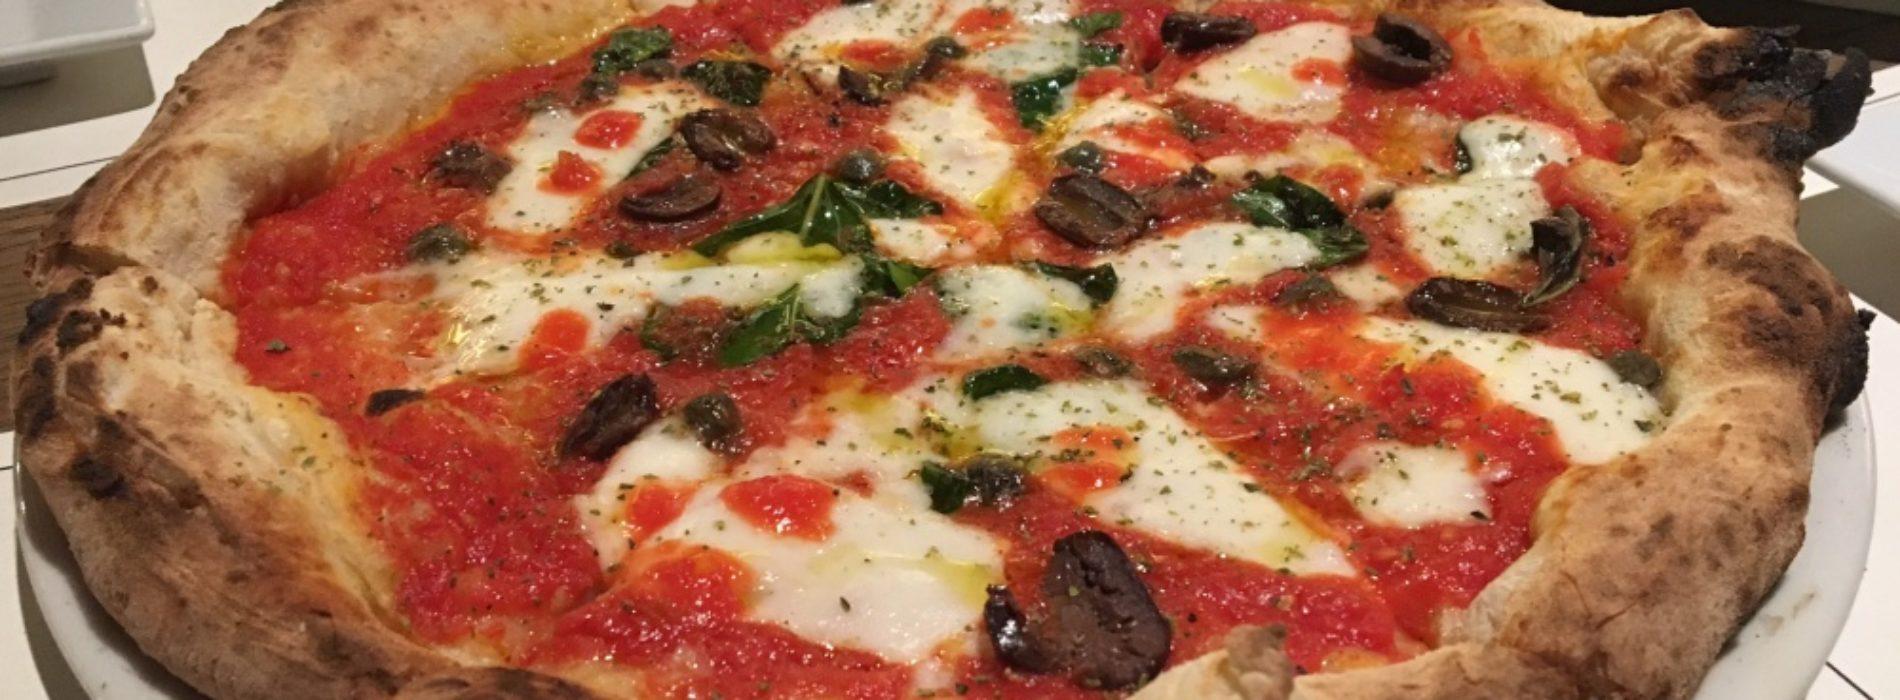 Le Follie di Romualdo Firenze, le pizze classiche e gourmet del maestro Rizzuti nell'ex Convivium